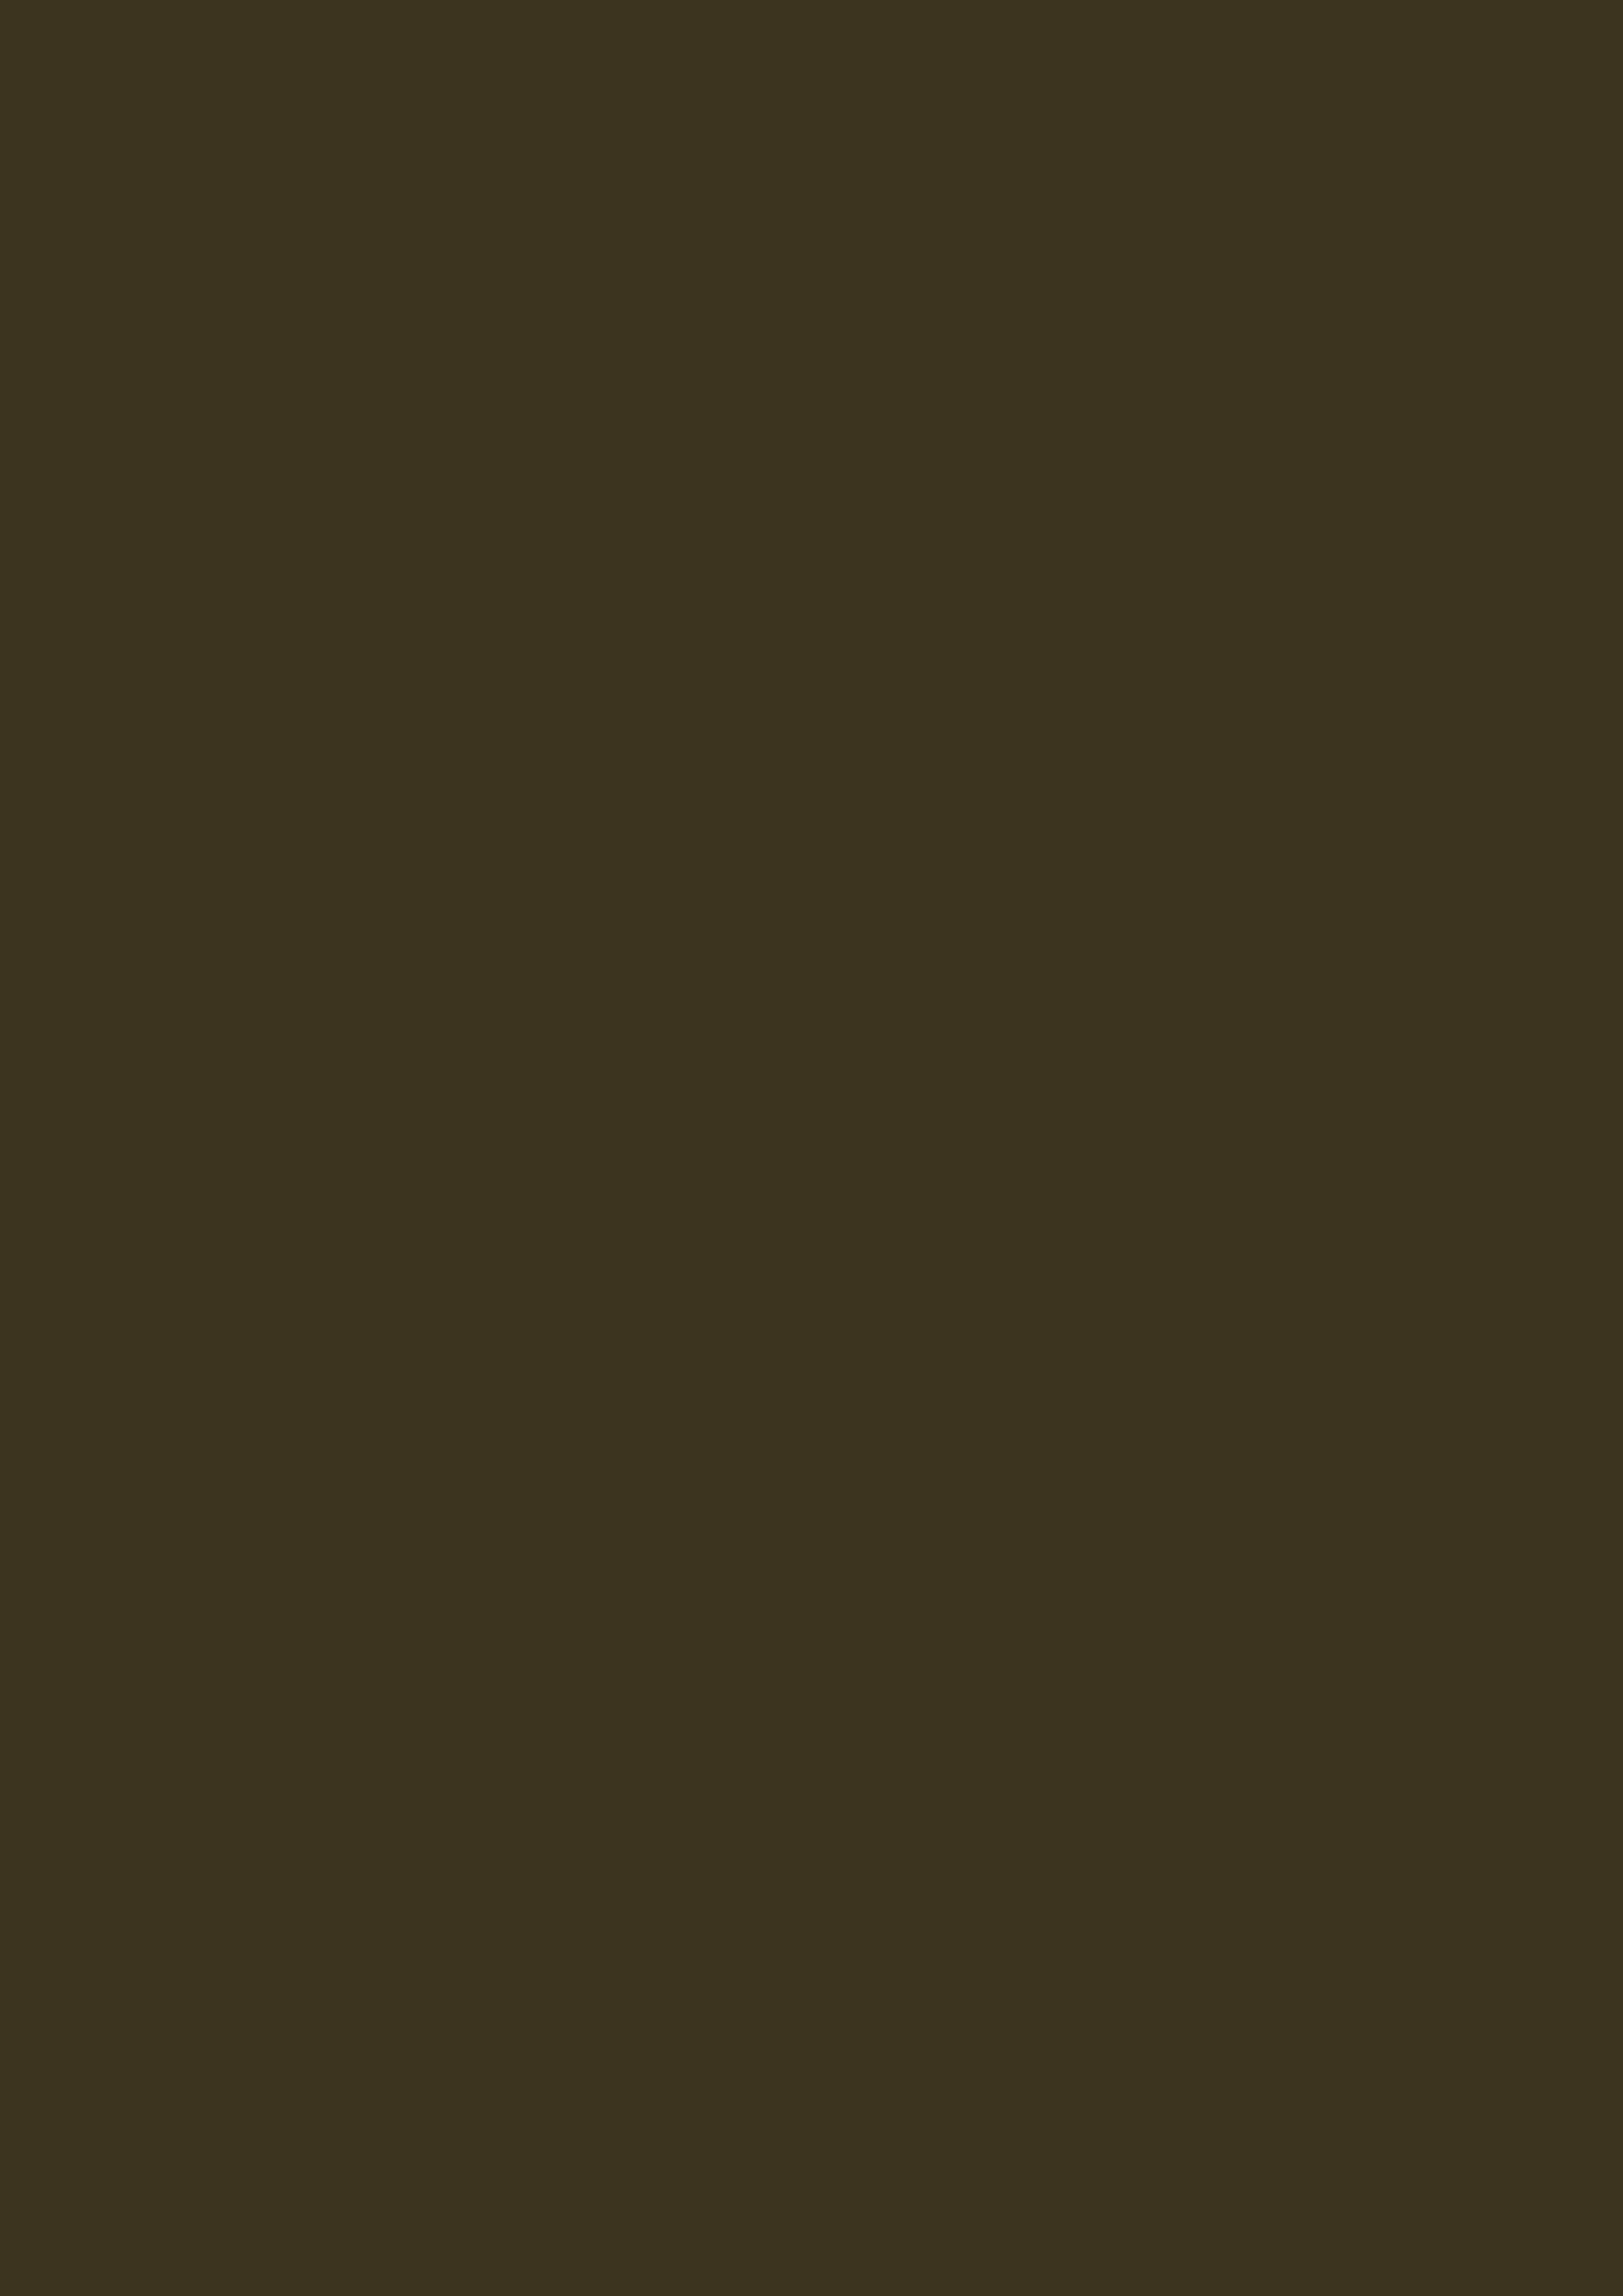 2480x3508 Olive Drab Number Seven Solid Color Background